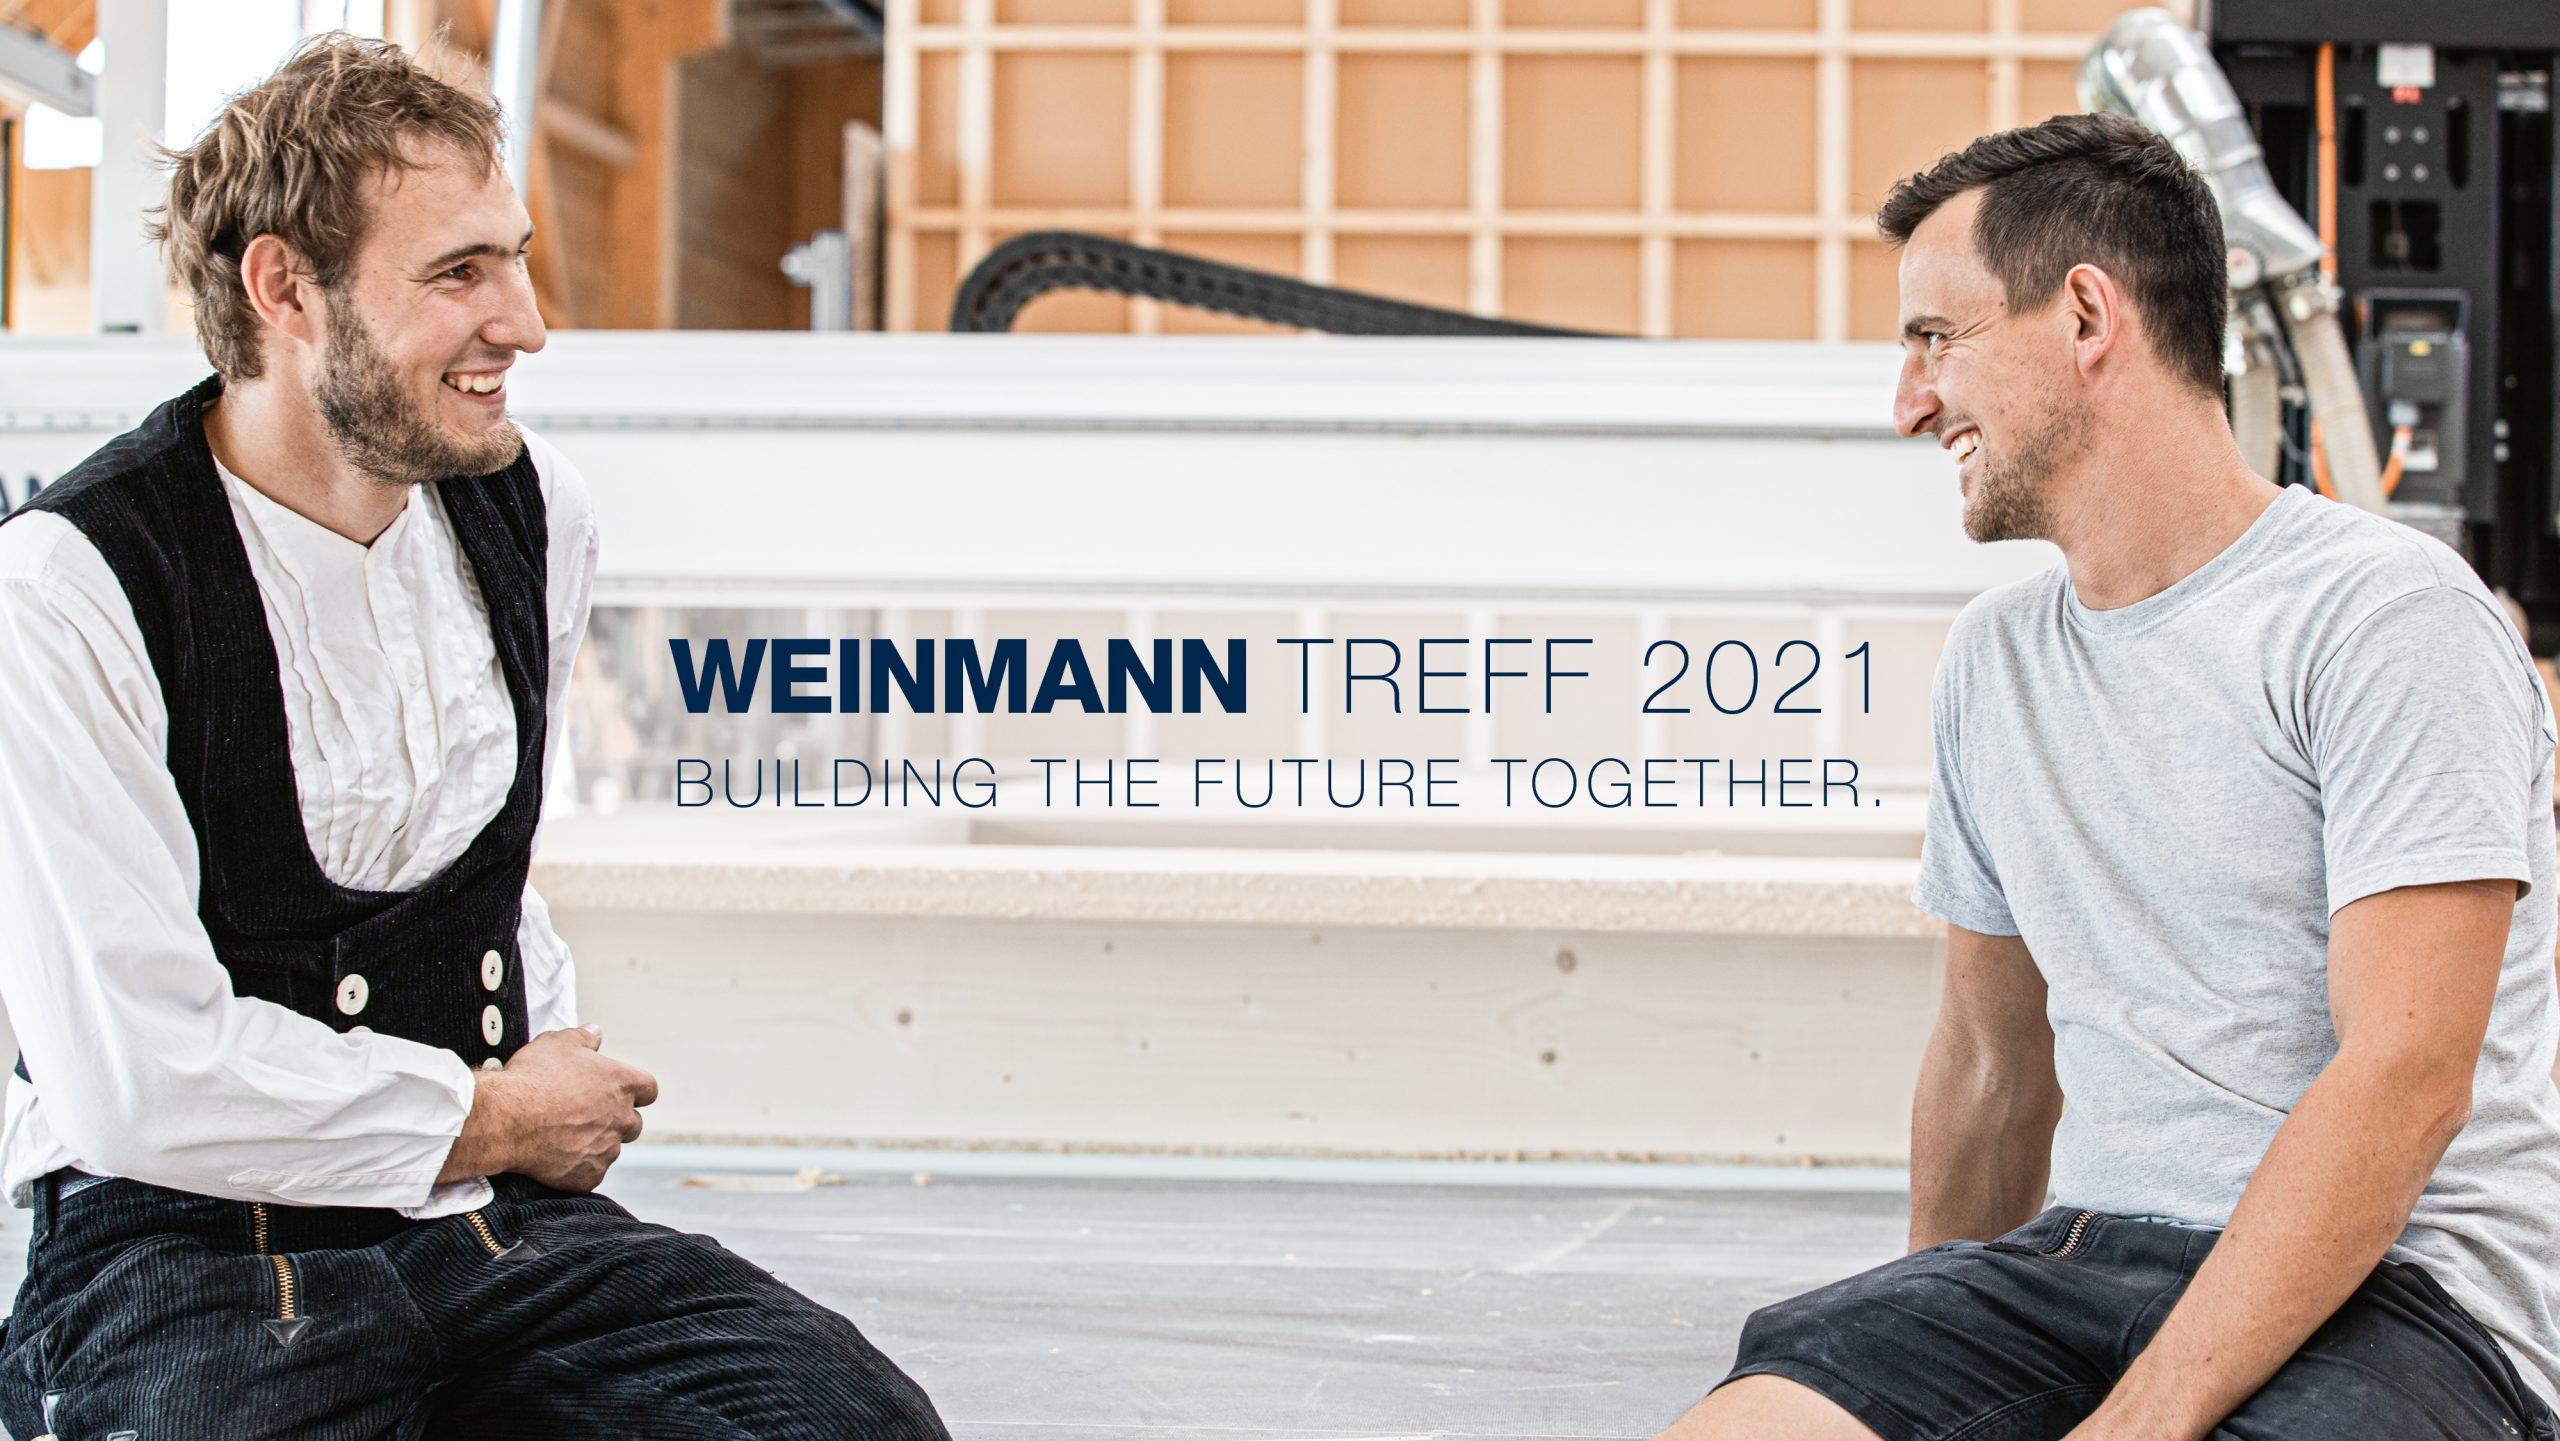 WEINMANN Treff 2021, de 17 a 19 de noviembre